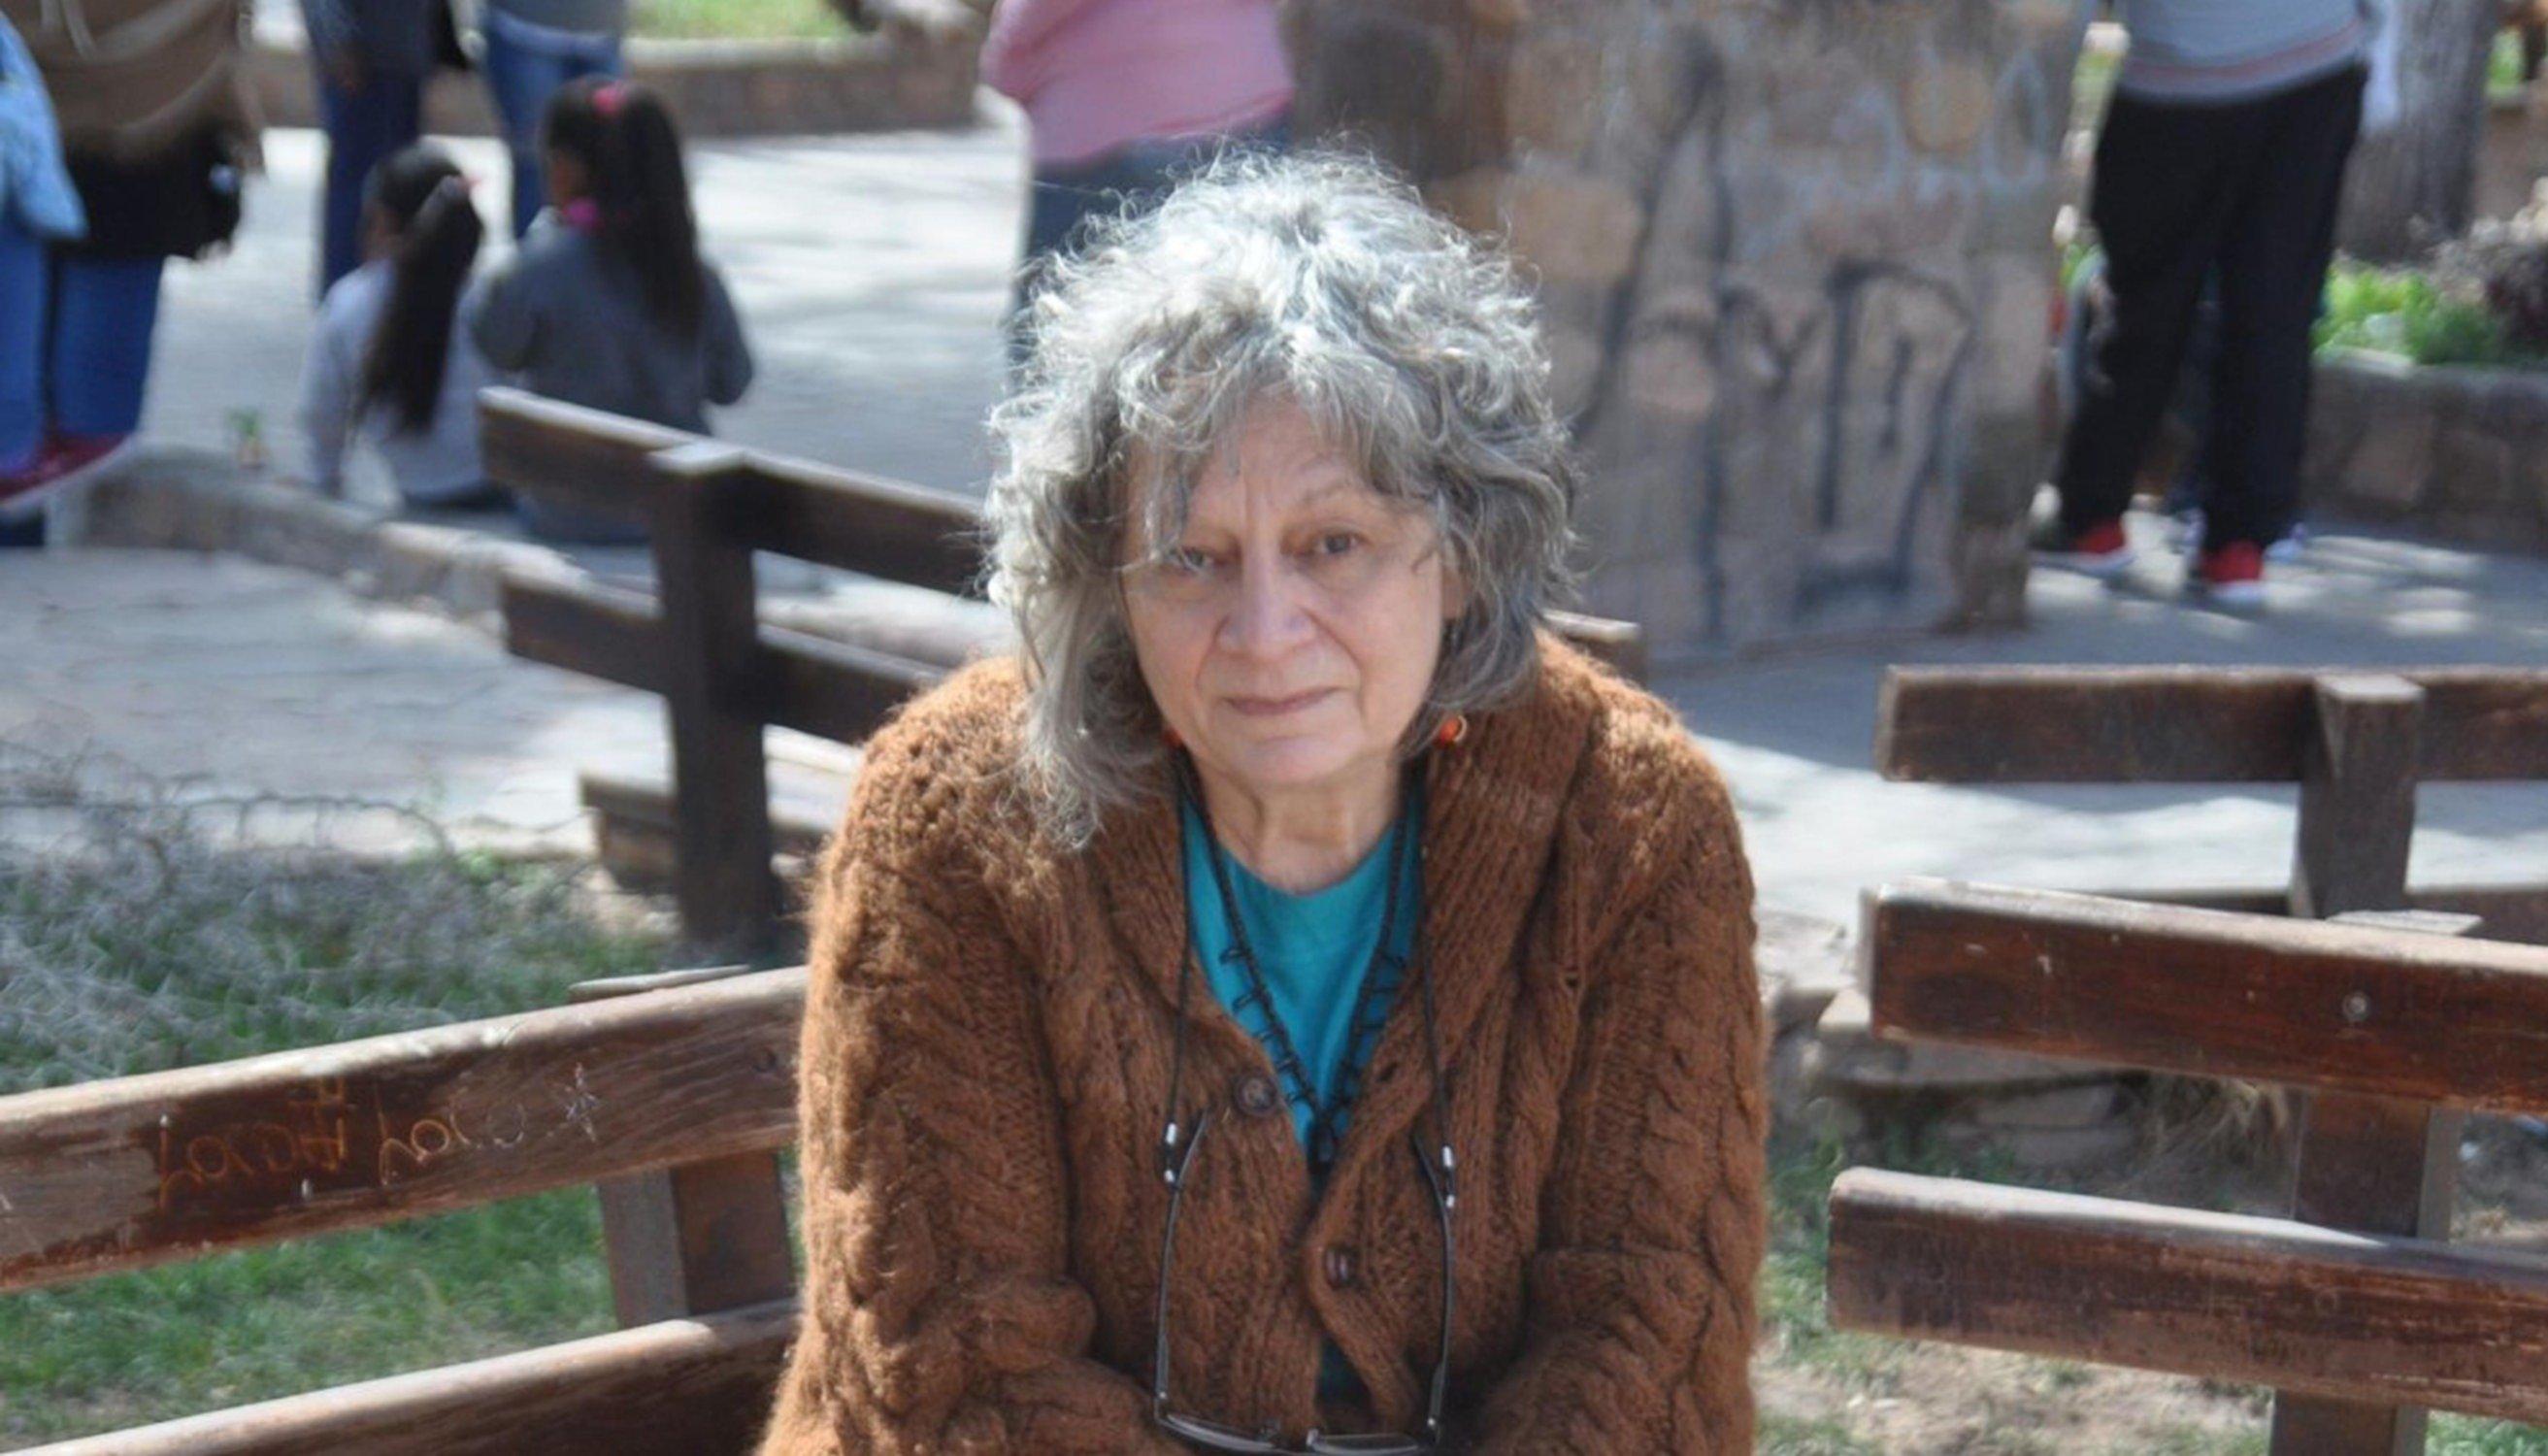 La voz de Rita Segato: El pensamiento feminista